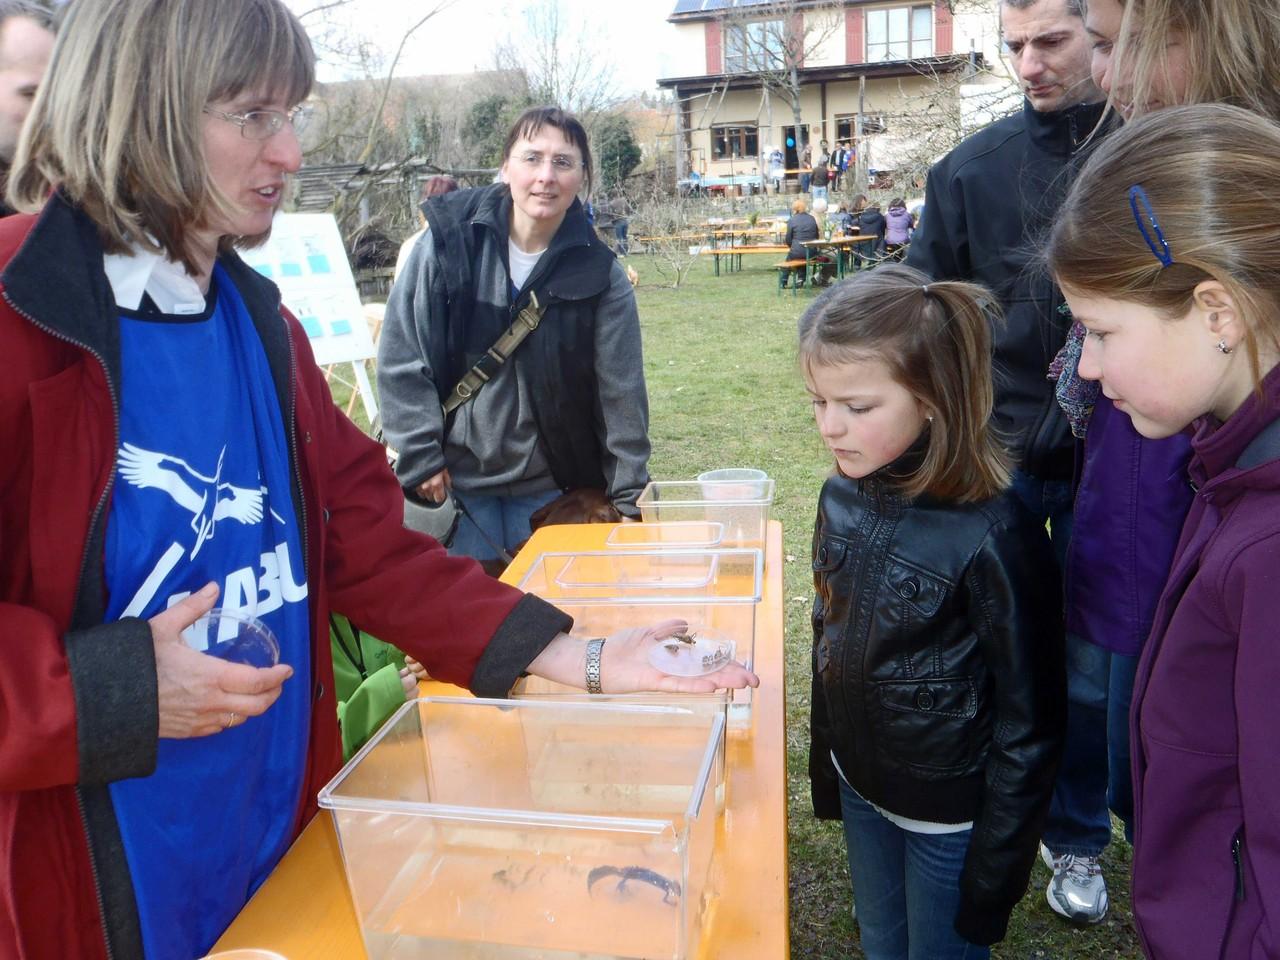 Libellenlarven und nur die Libellenhaut (Exhuvien) schauen sich Kinder und Erwachsene interessiert an